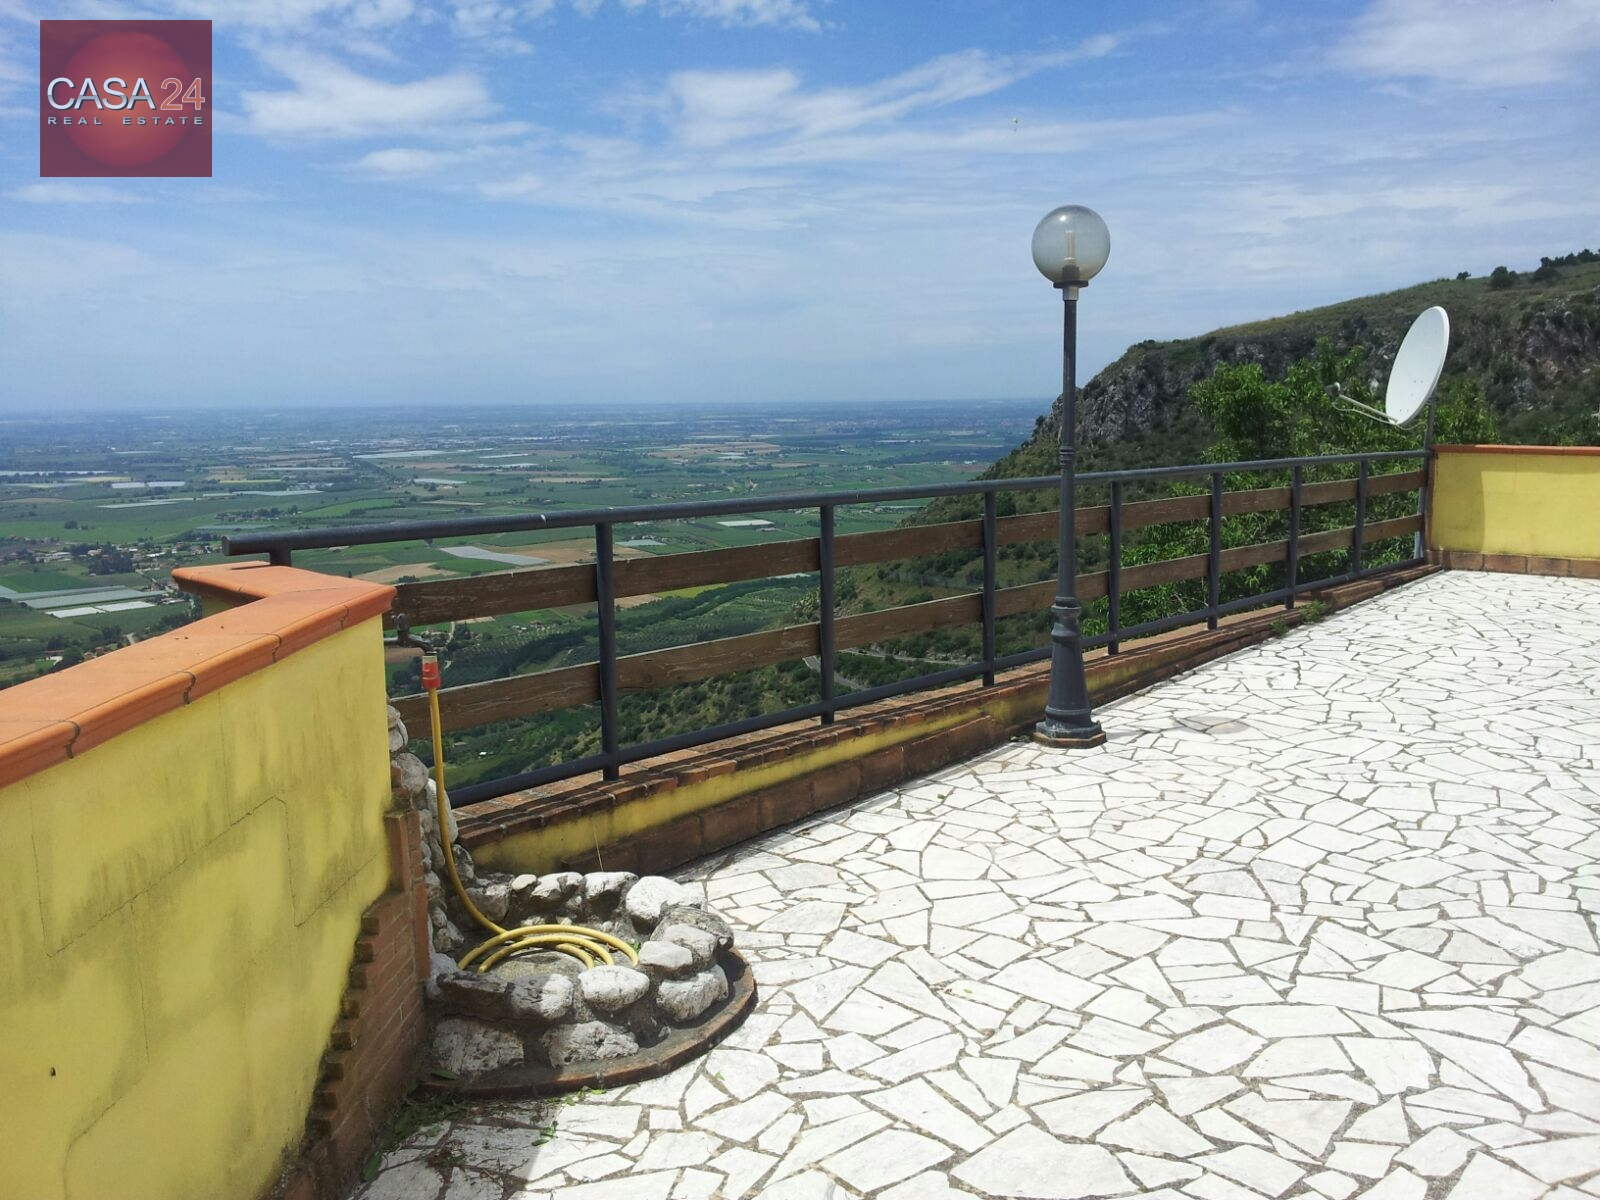 Appartamento in vendita a Norma, 1 locali, prezzo € 55.000 | CambioCasa.it